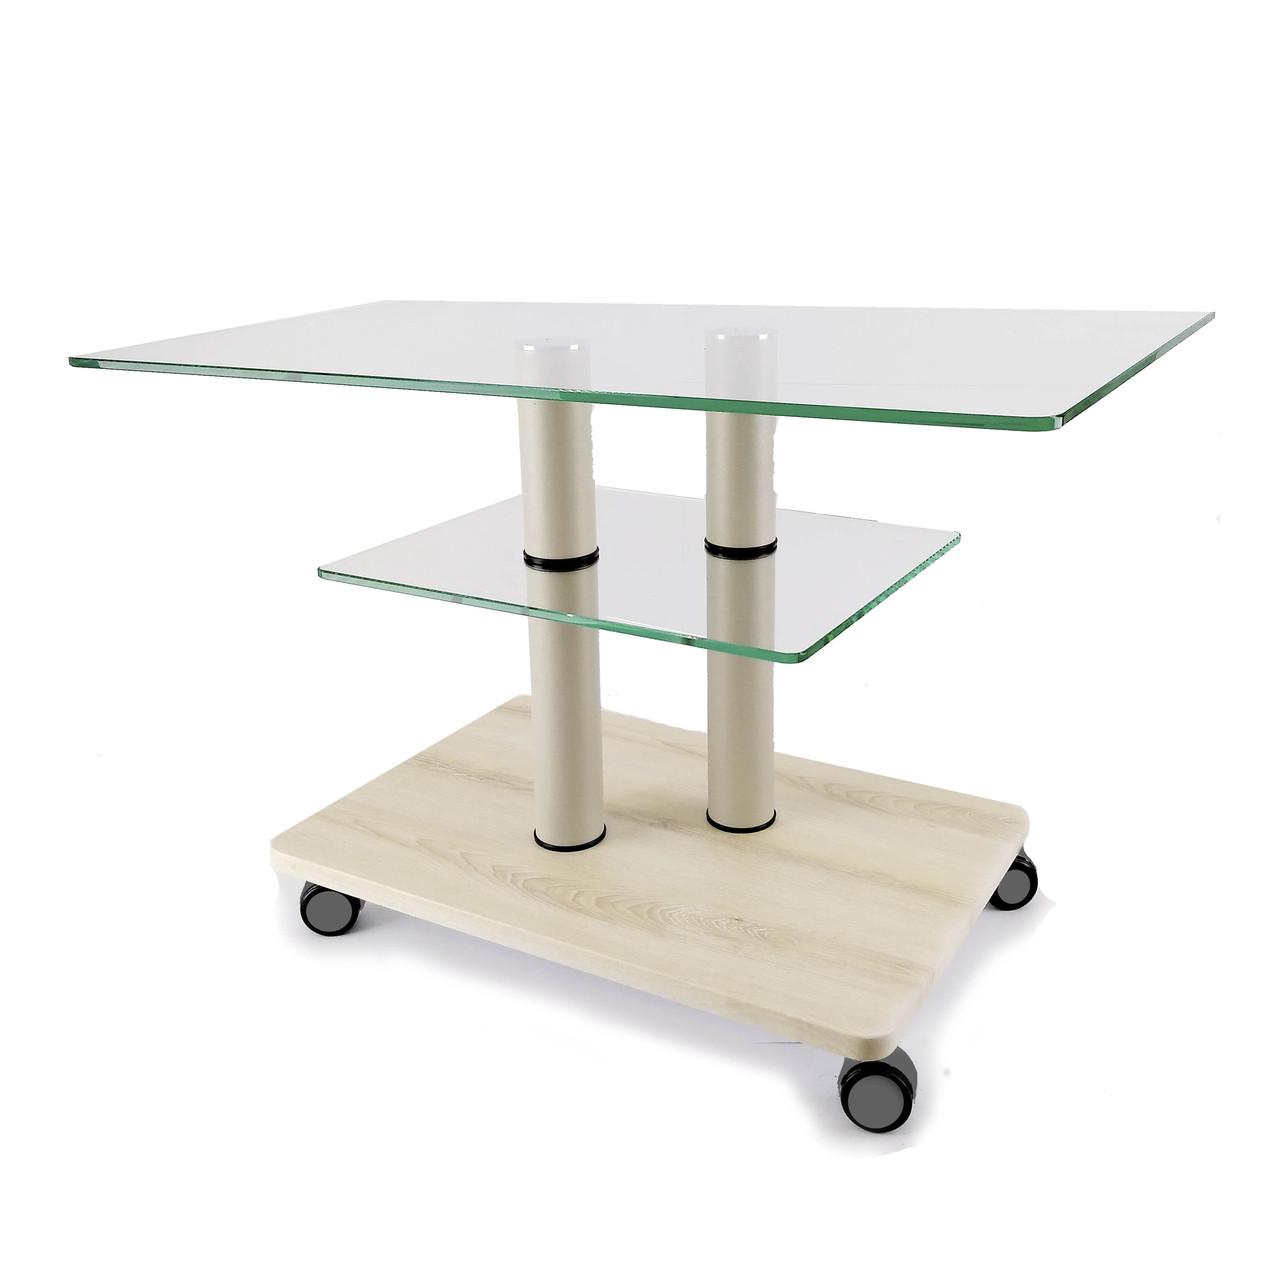 Стеклянный журнальный стол прямоугольный Commus Bravo Max P сс-pepel-2bg60